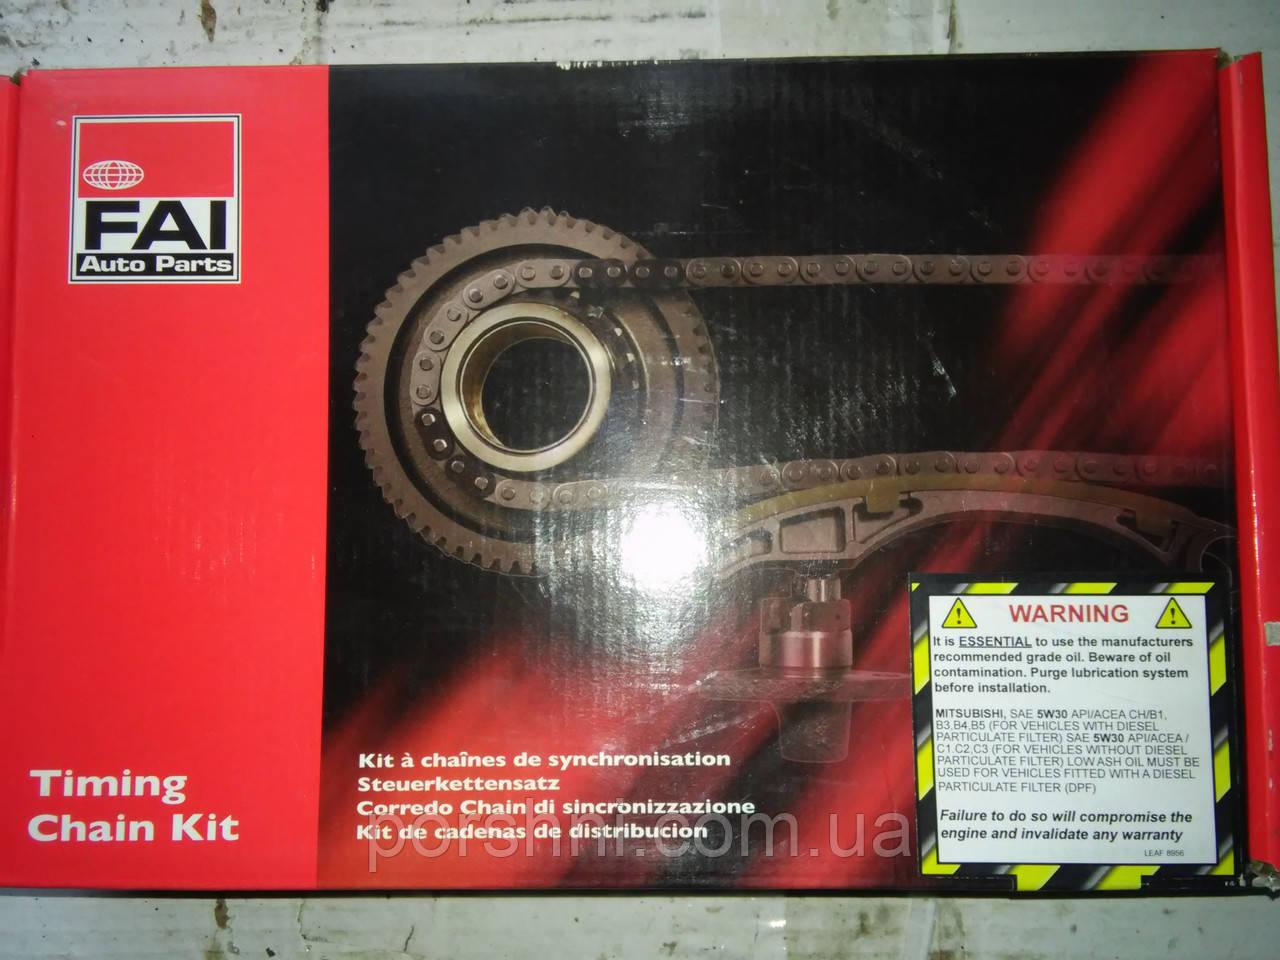 Цепь  двигателя + успокоит + натяж Тransit 2.4 DI  V347  2006 >  FAI   TCK138WO